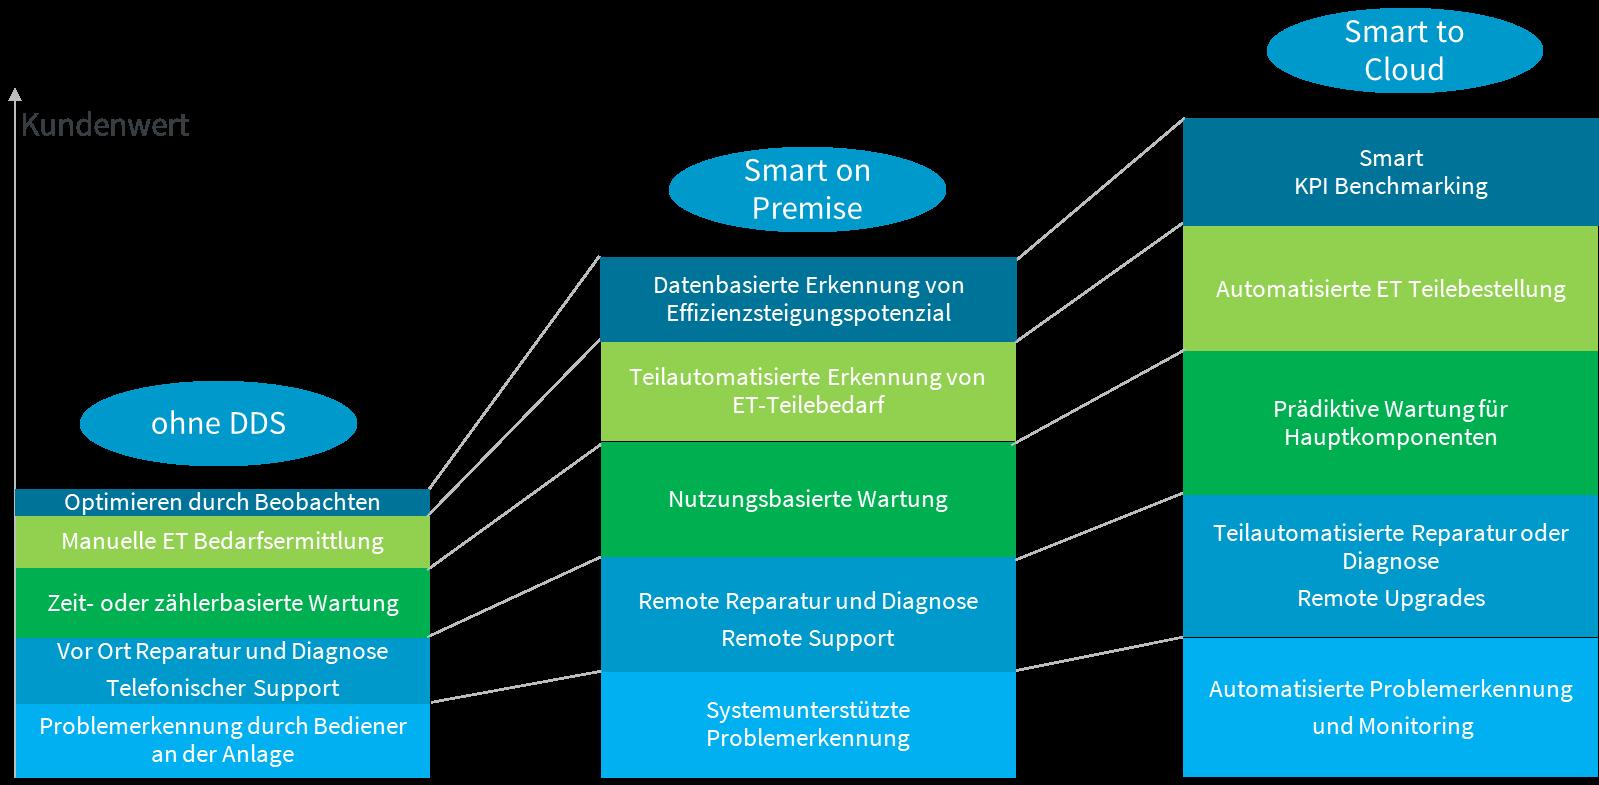 Integrationsstufen der Data-Driven Services: Level des Datenaustauschs und der Auswertung bei Atlas Copco  Service 4.0